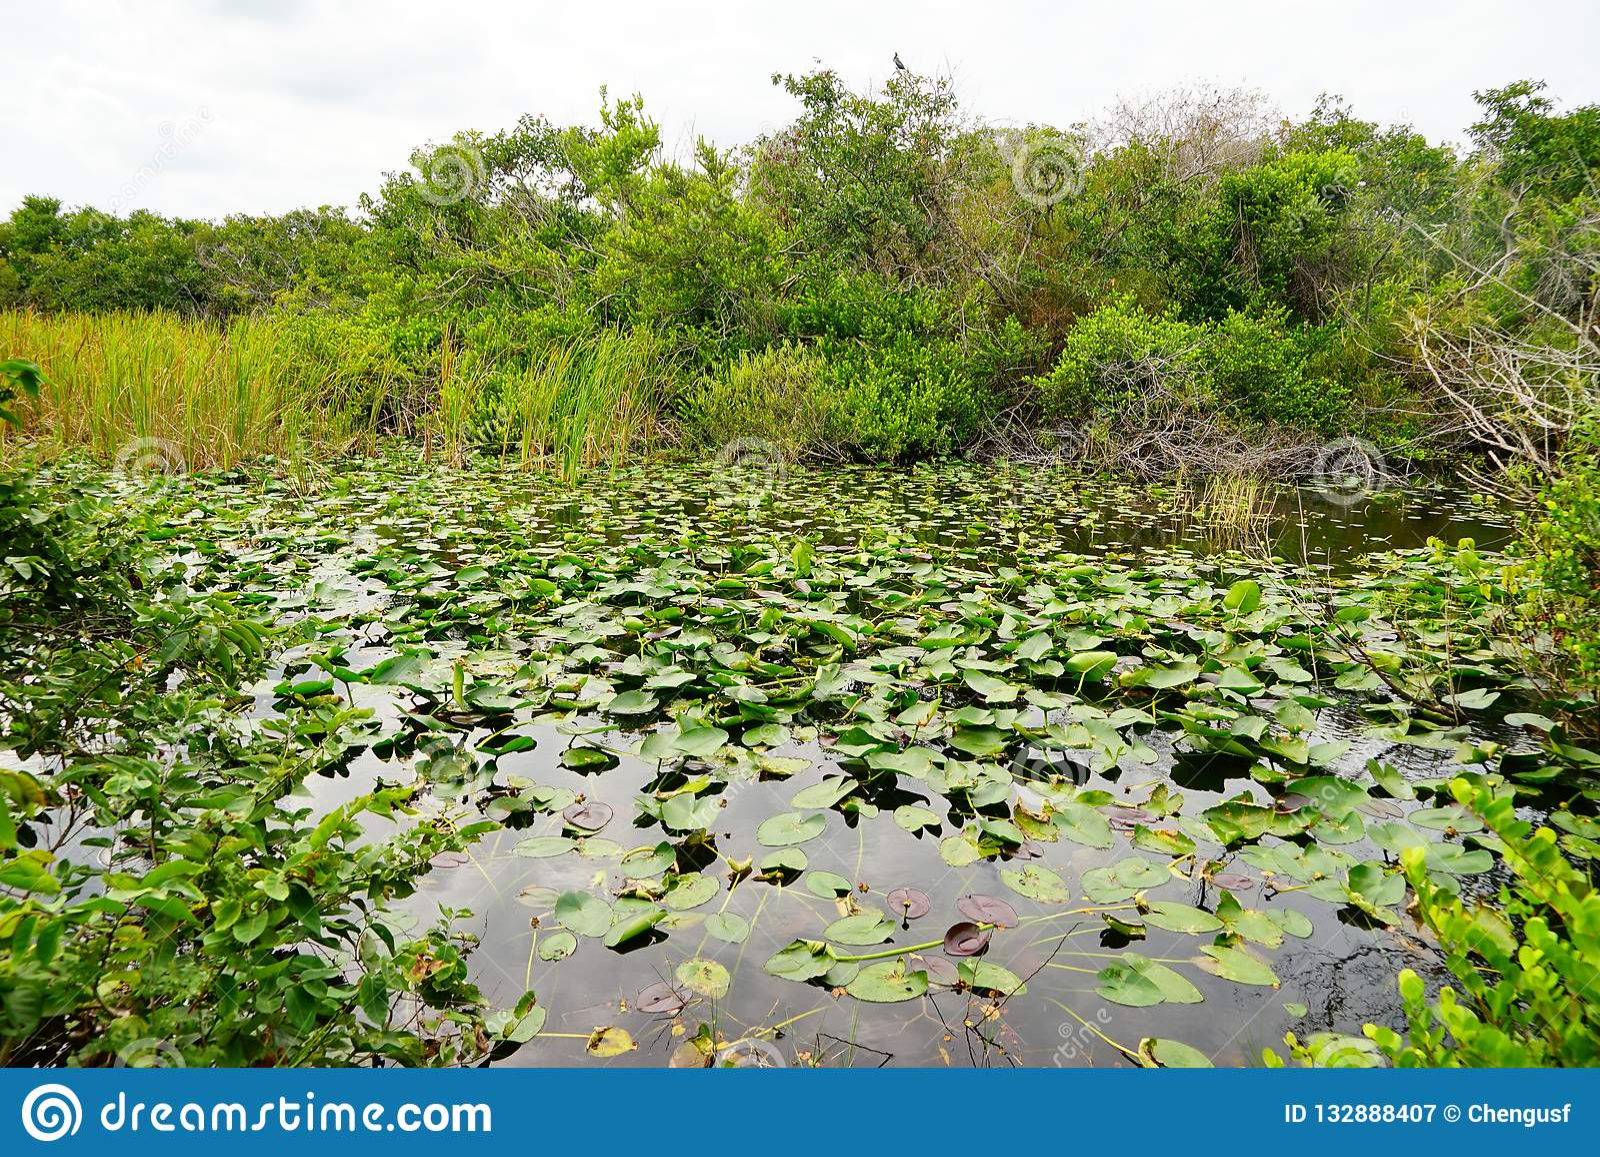 Everglades national park landscape